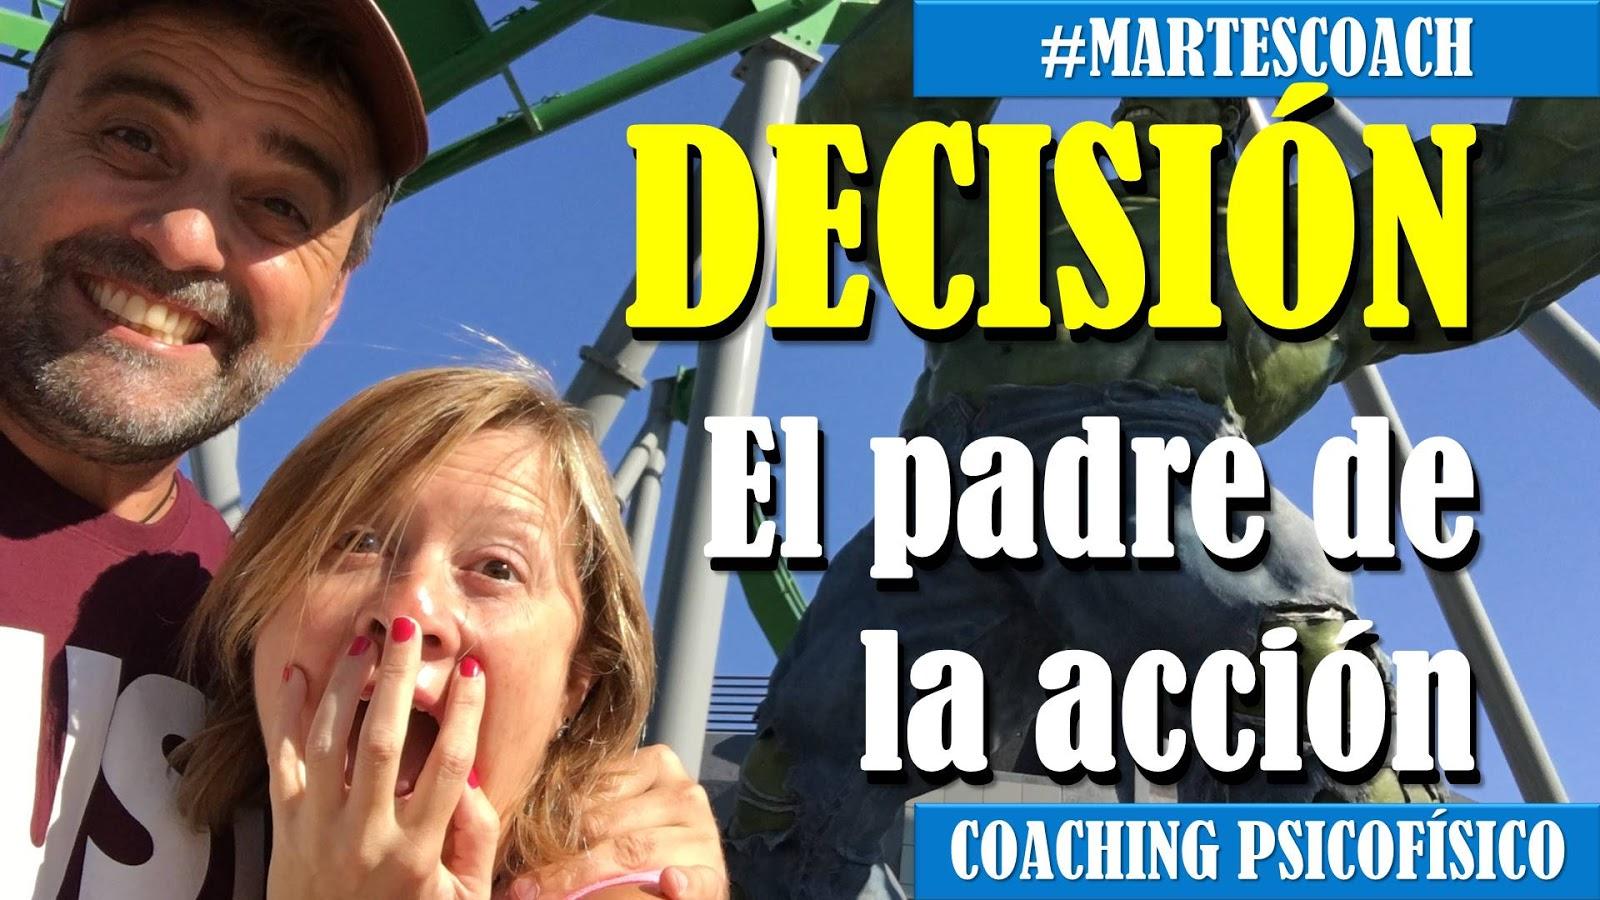 DECISIÓN: El padre de la acción #MartesCoach